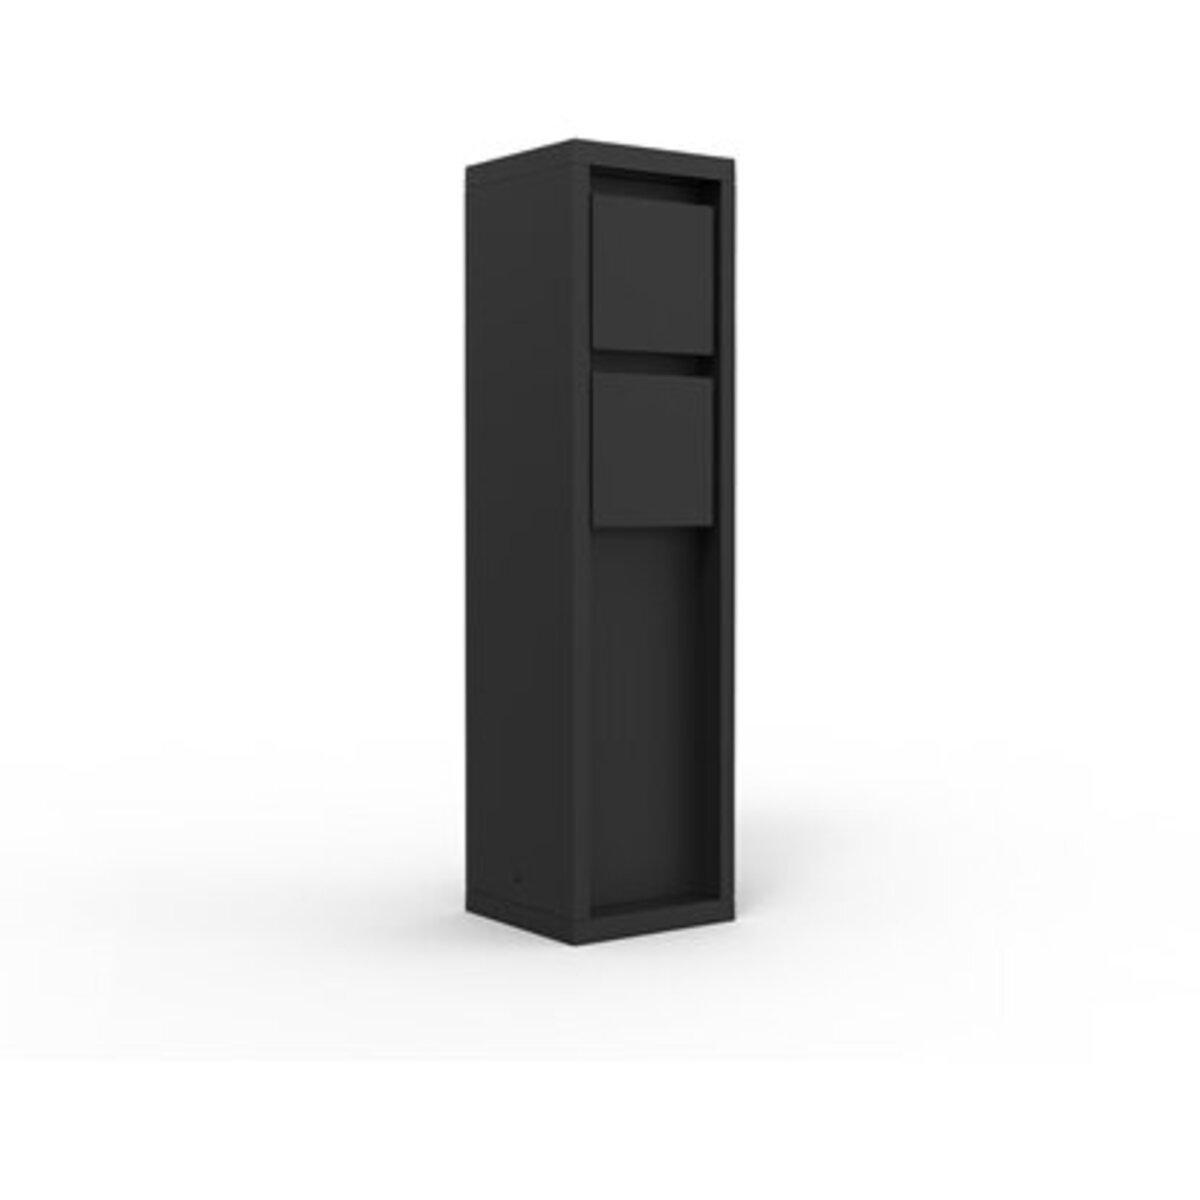 Bild 2 von Lutec Stromverteiler Mains Schwarz